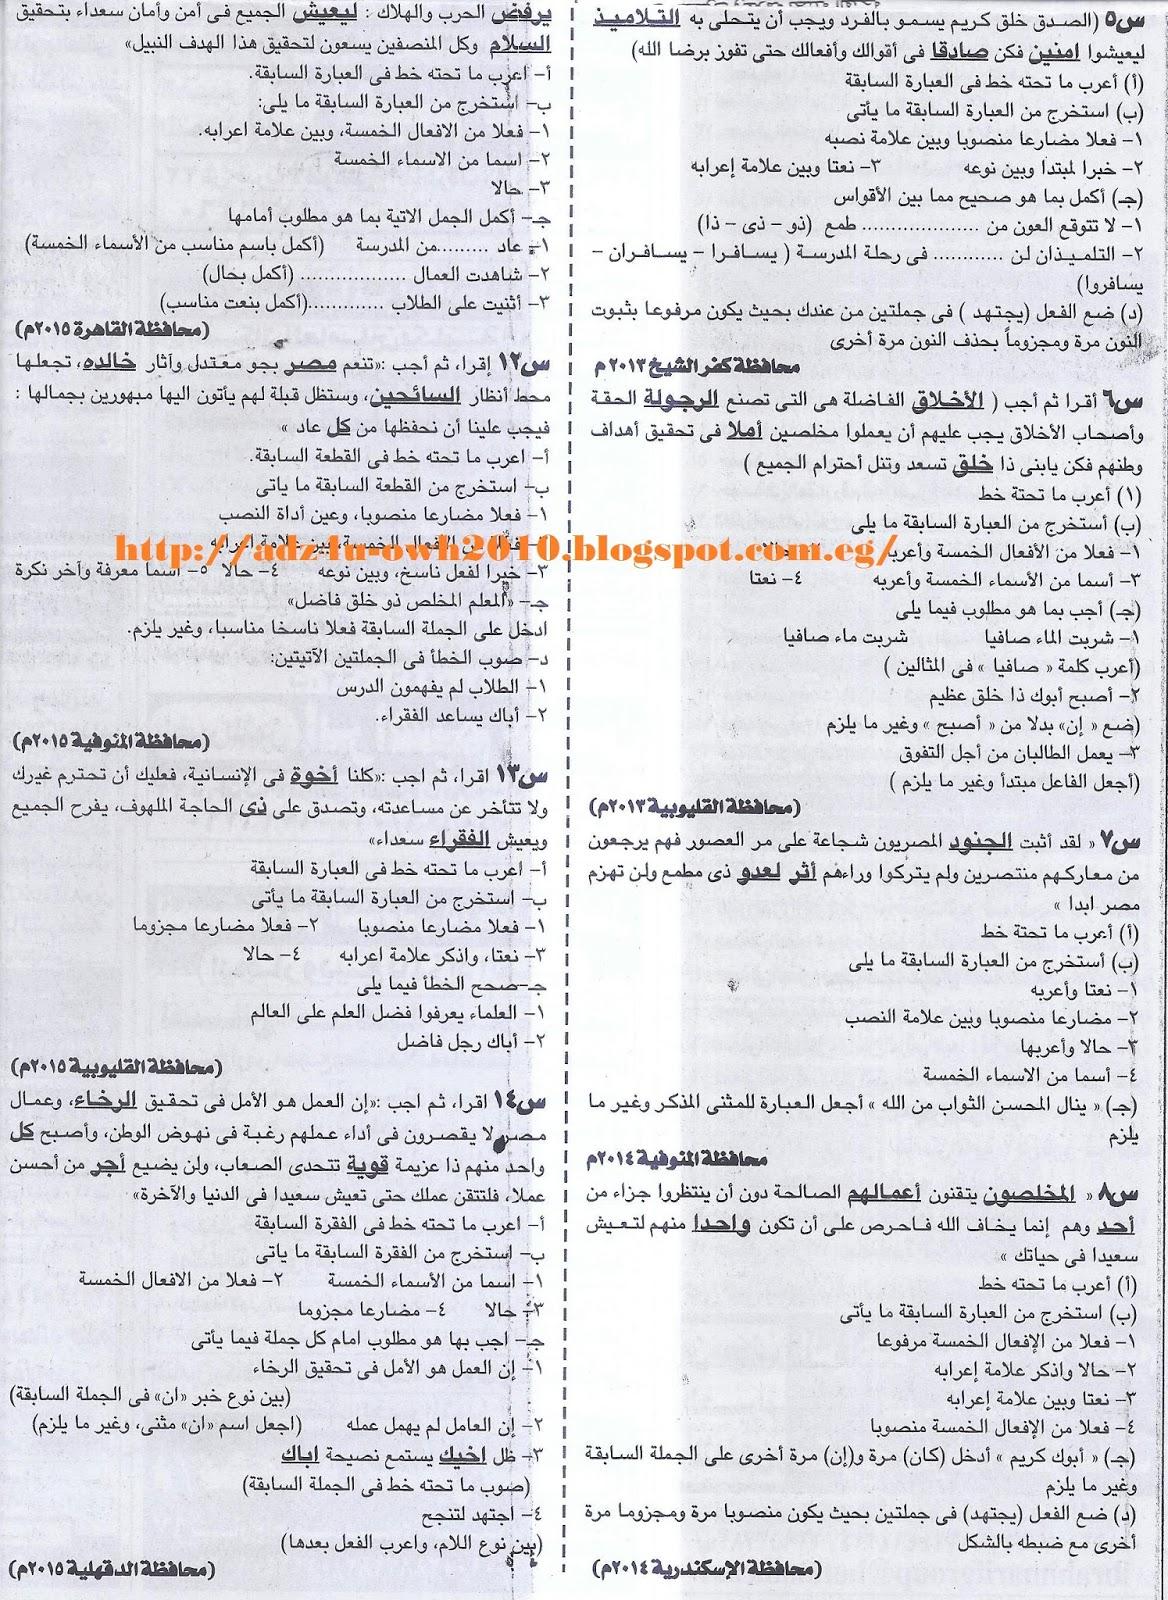 توقعات اسئلة امتحان النحو بالاجابات للصف السادس ترم ثاني.. ملحق الجمهورية 2017 2